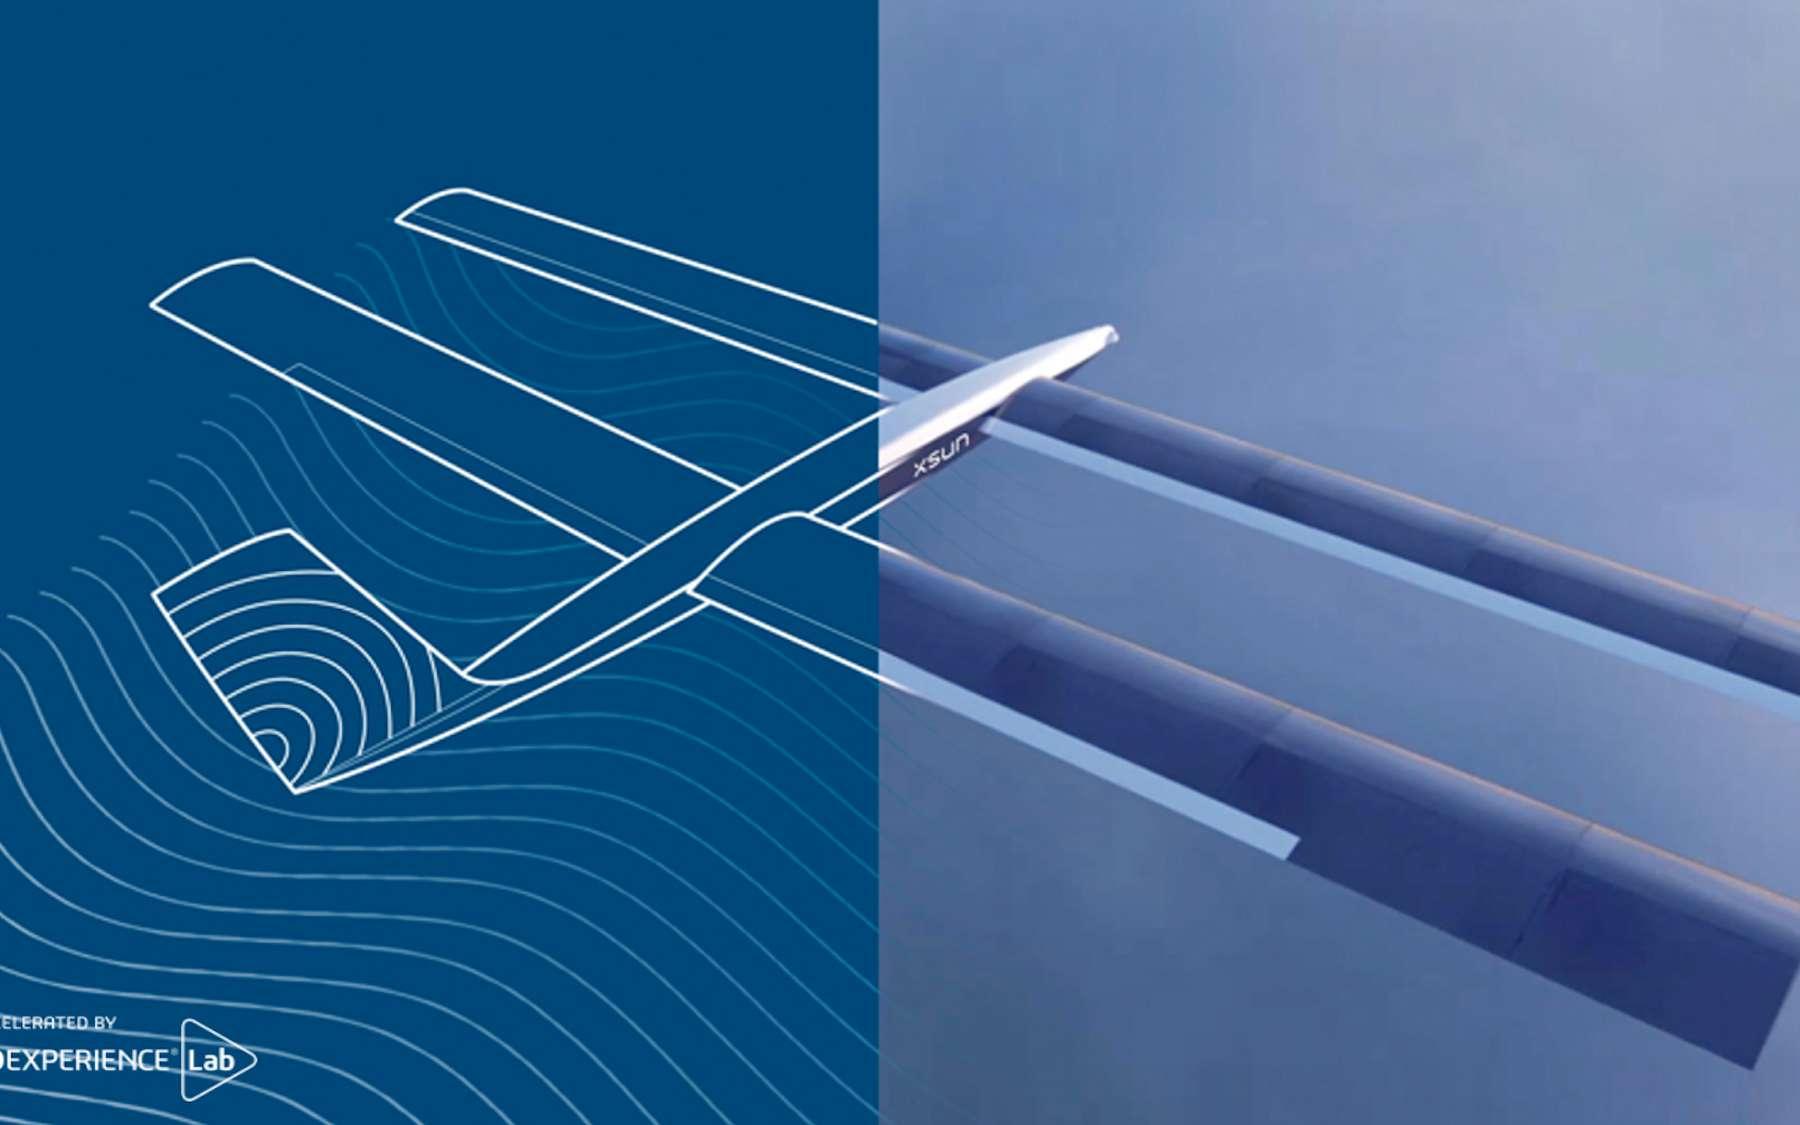 Ultra-léger, le drone solaire SolarXOne mesure 4,6 mètres d'envergure pour 25 kg. © Dassault Systèmes